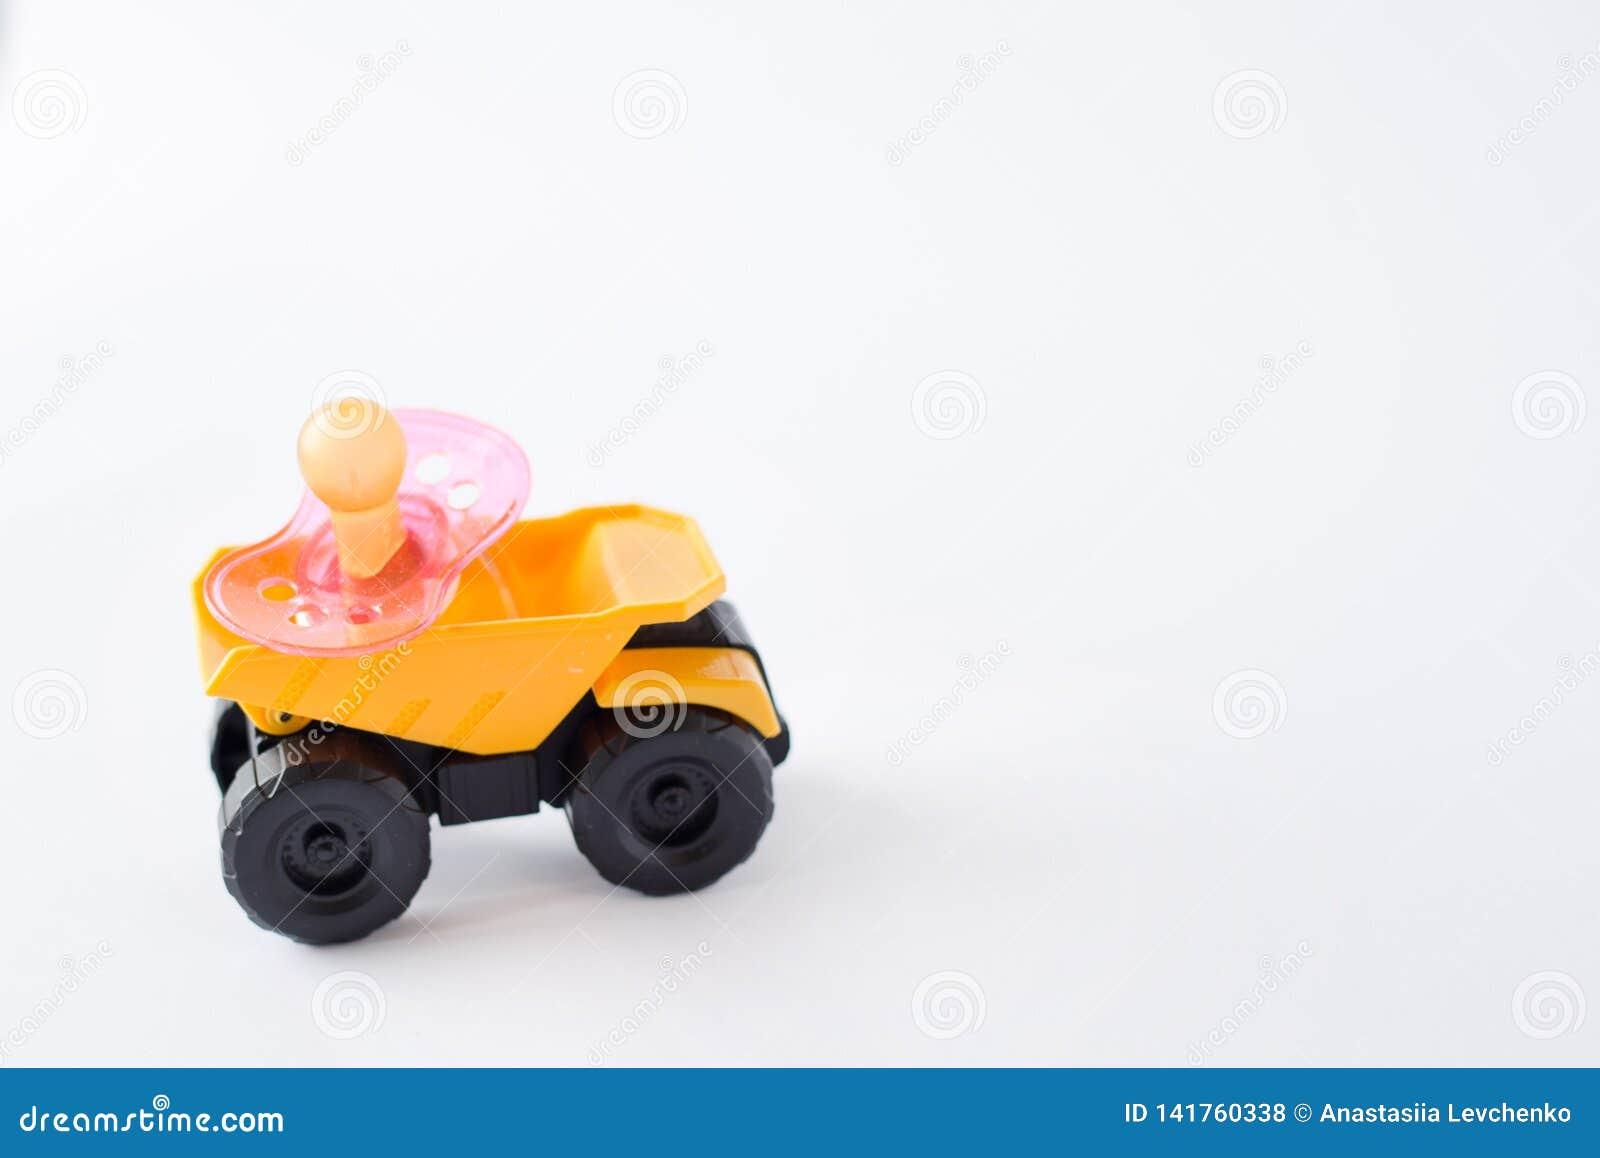 Friedensstifternippel des rosa Babys auf dem gelben Auto lokalisiert auf weißem Hintergrund Platz für Text Kopieren Sie Platz